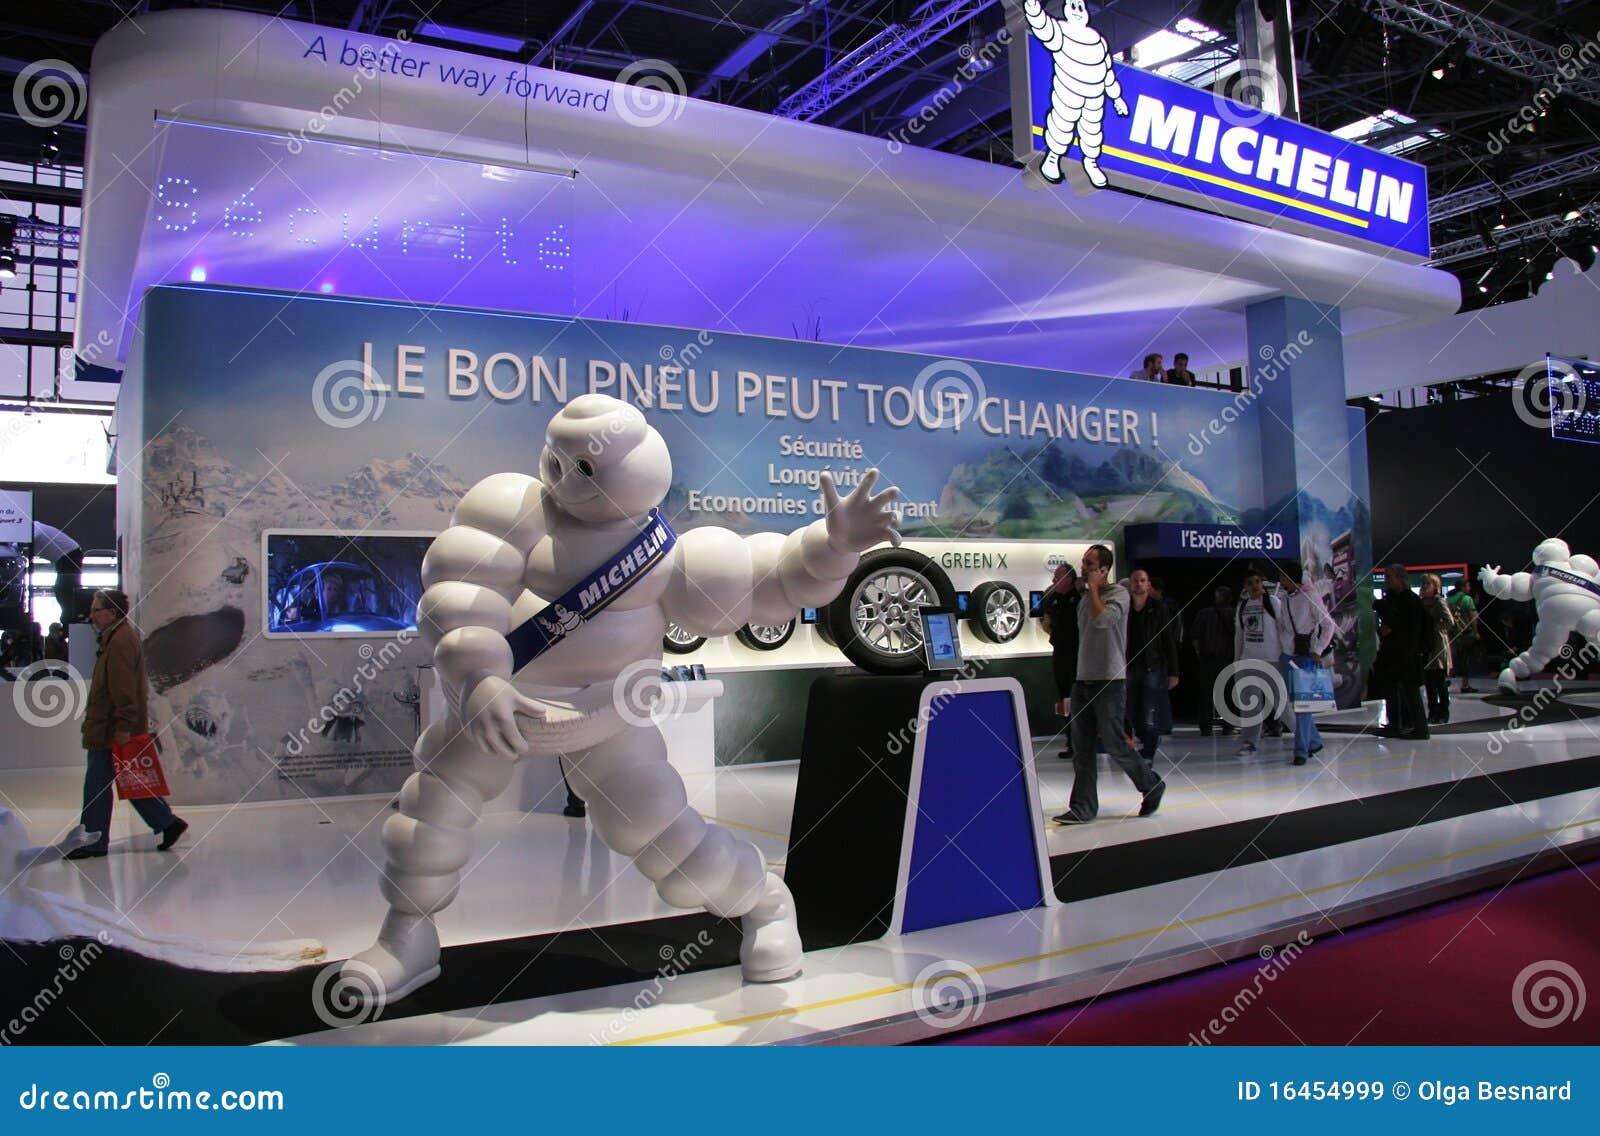 Salon de l 39 automobile de paris 2010 stand de michelin for Salon de l audio